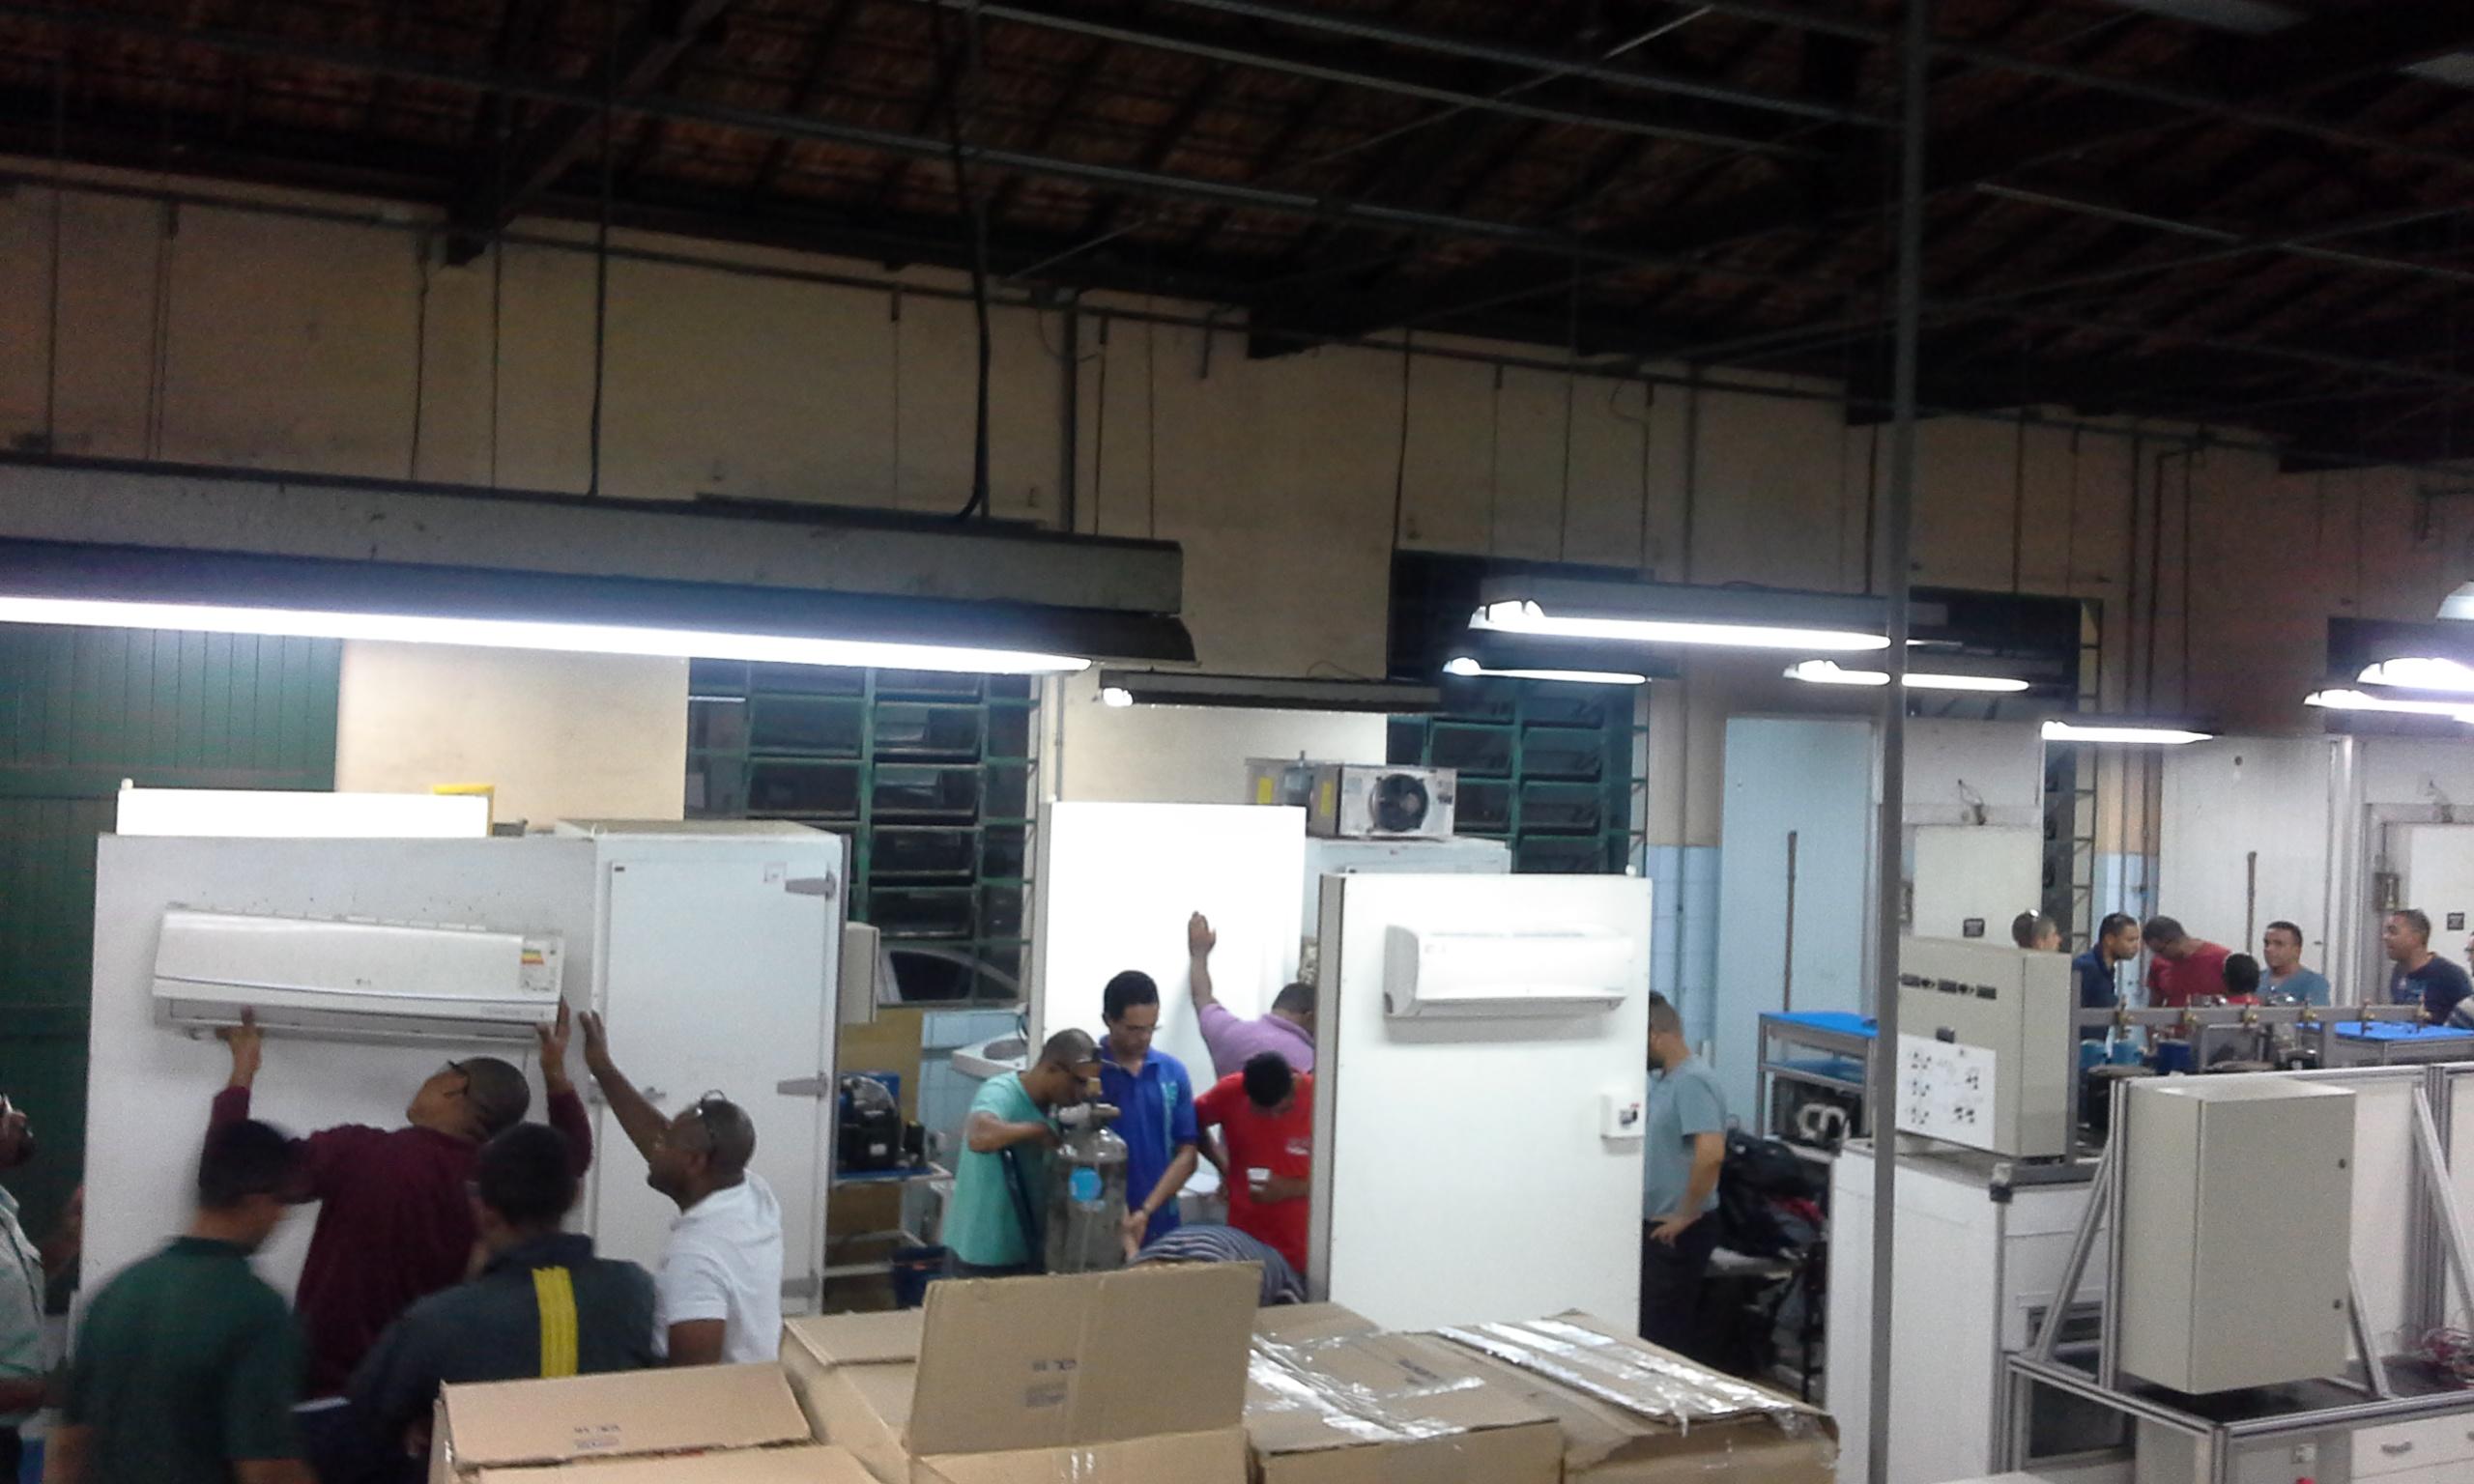 Curso piloto para capacitação de técnicos em Sistemas de Ar Condicionado do tipo Split foi realizado em Minas Gerais com sucesso